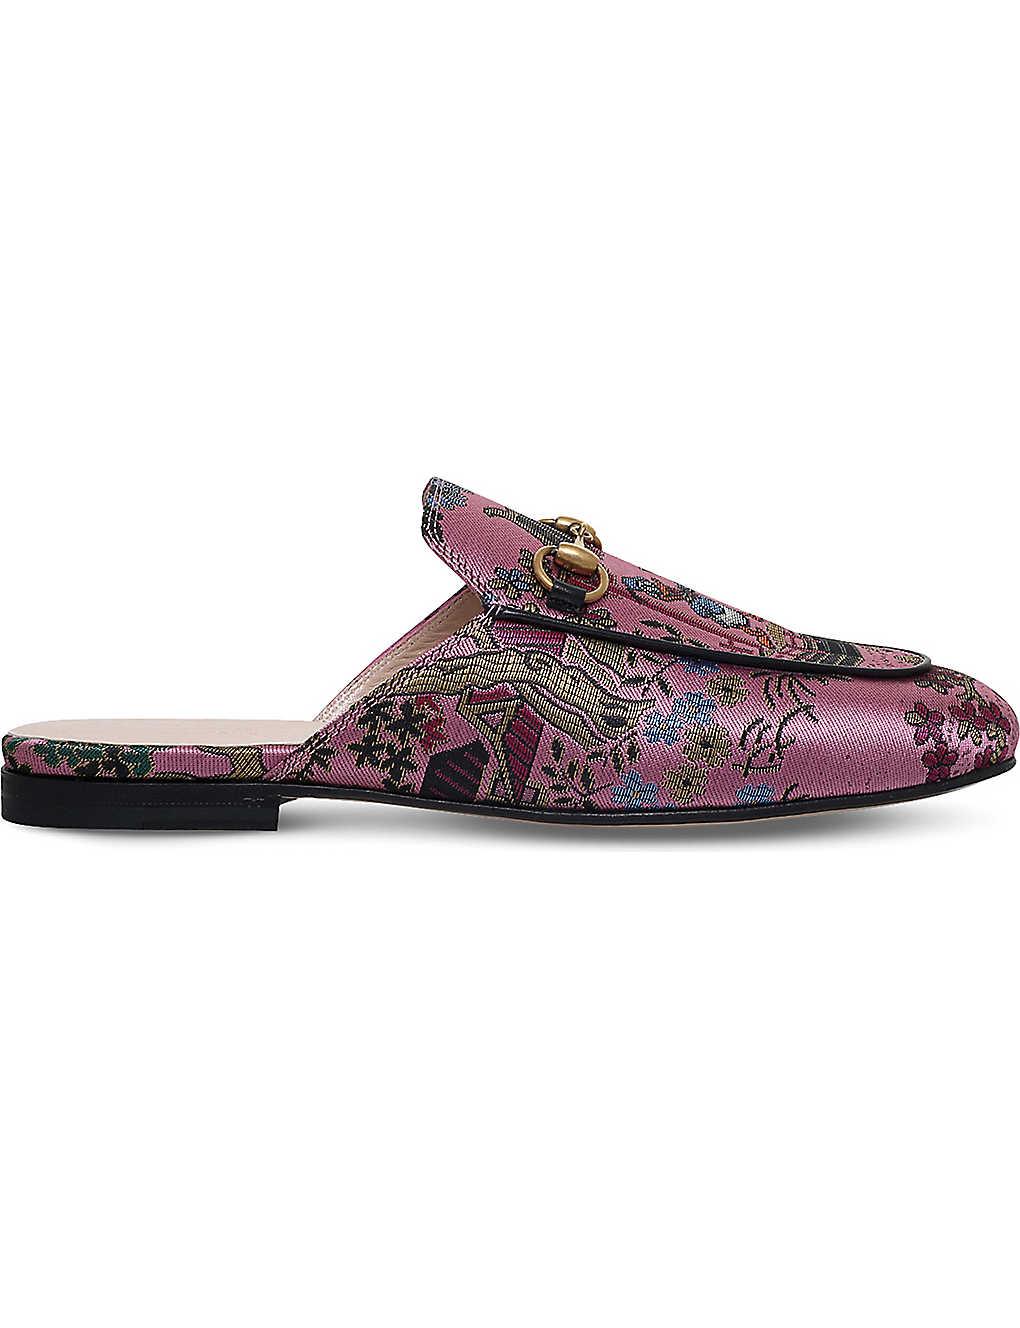 69297c9d48e6 GUCCI - Princetown Donald Duck jacquard slippers | Selfridges.com